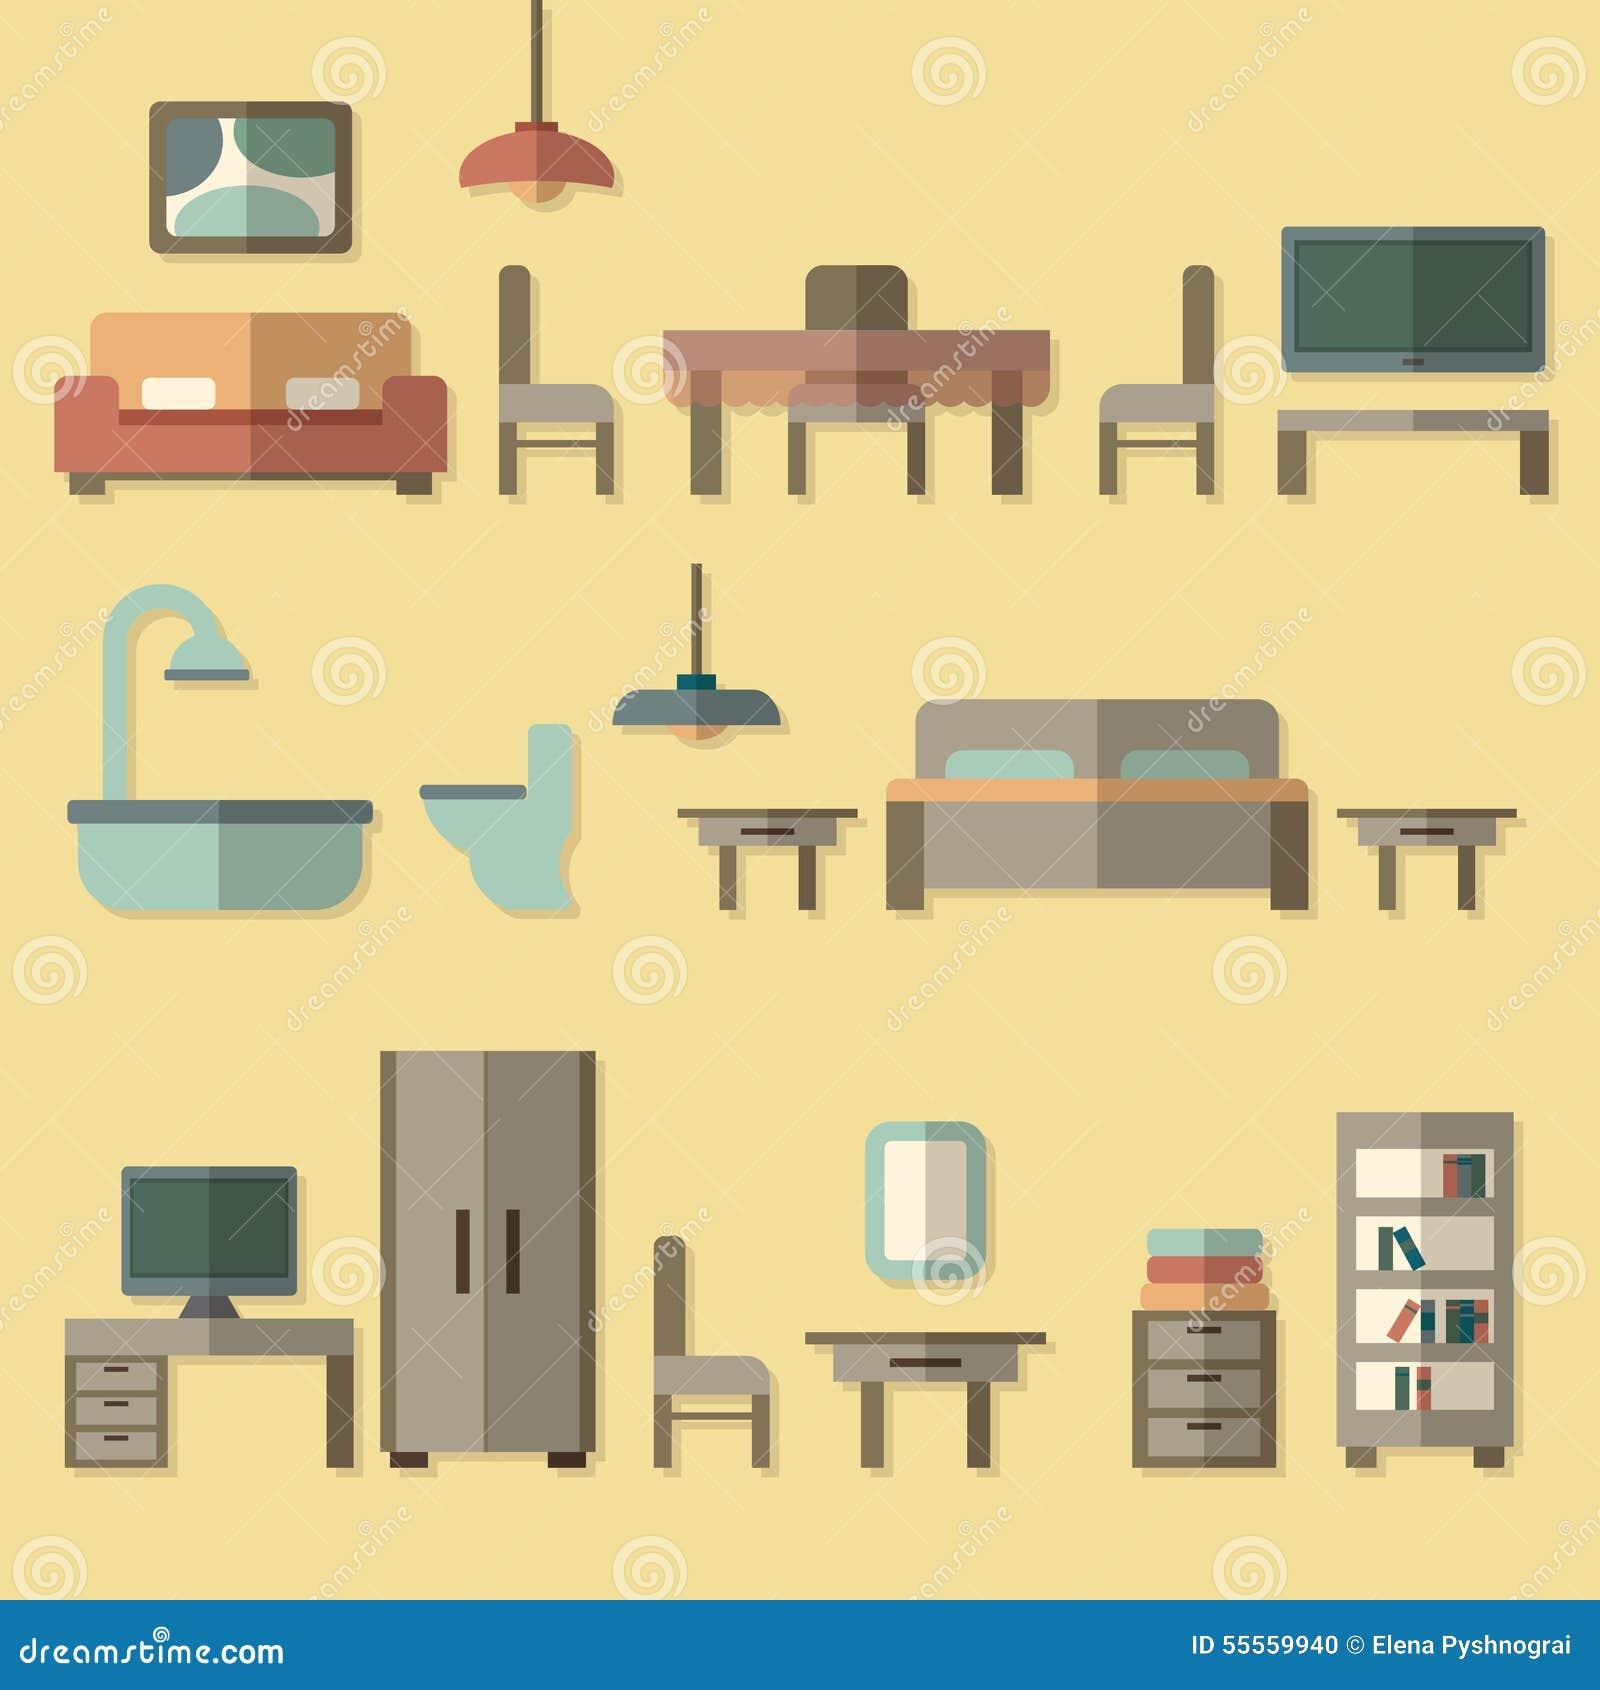 Icona della mobilia messa per le stanze della casa for Creatore della pianta della casa